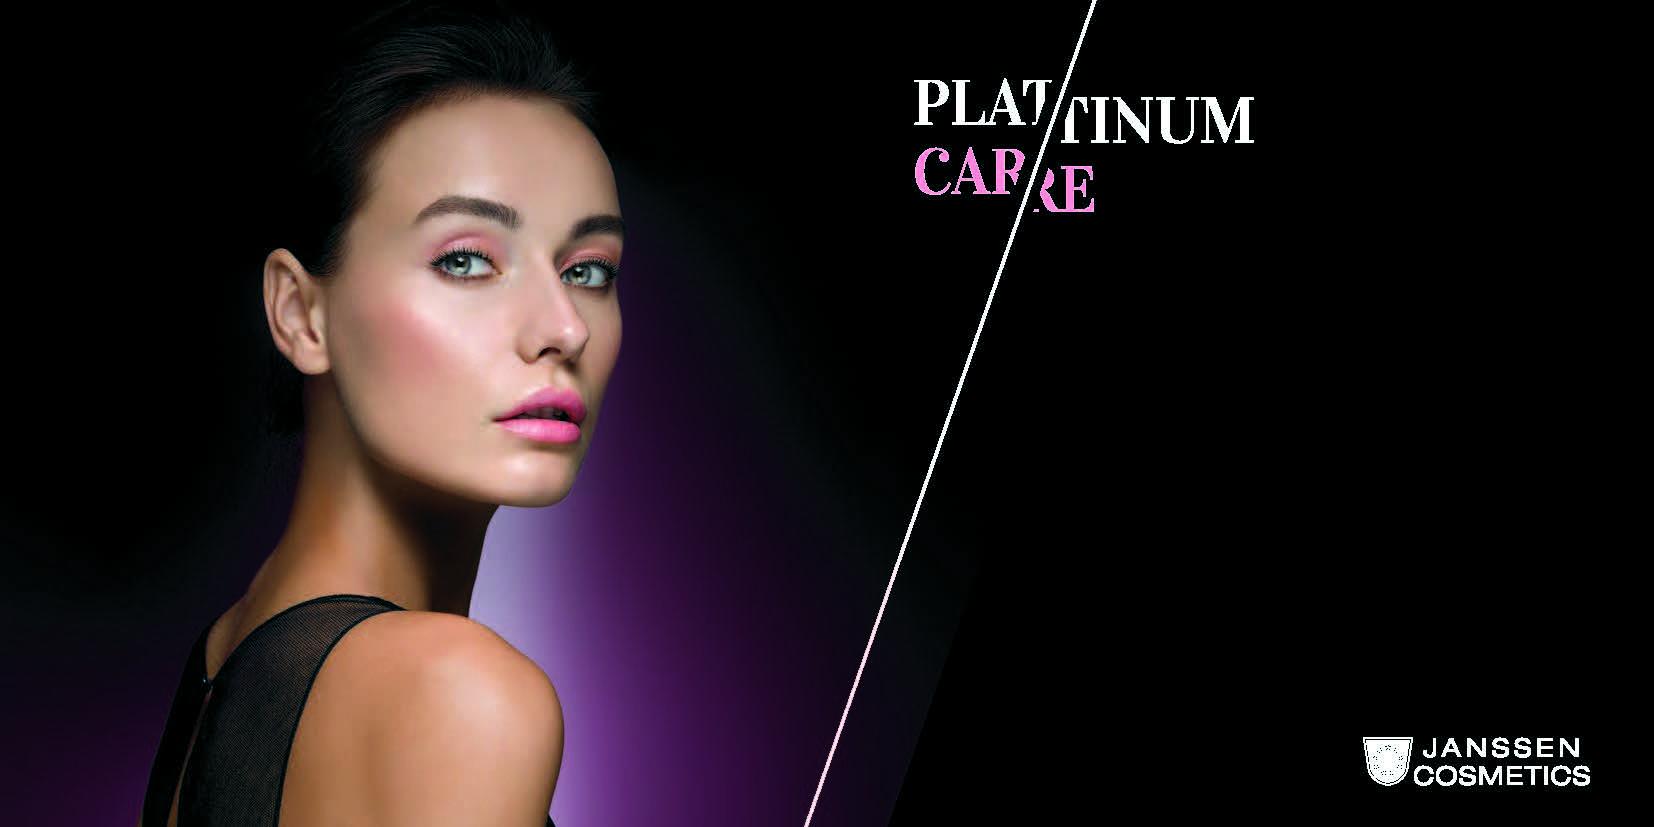 Platinum skincare banner